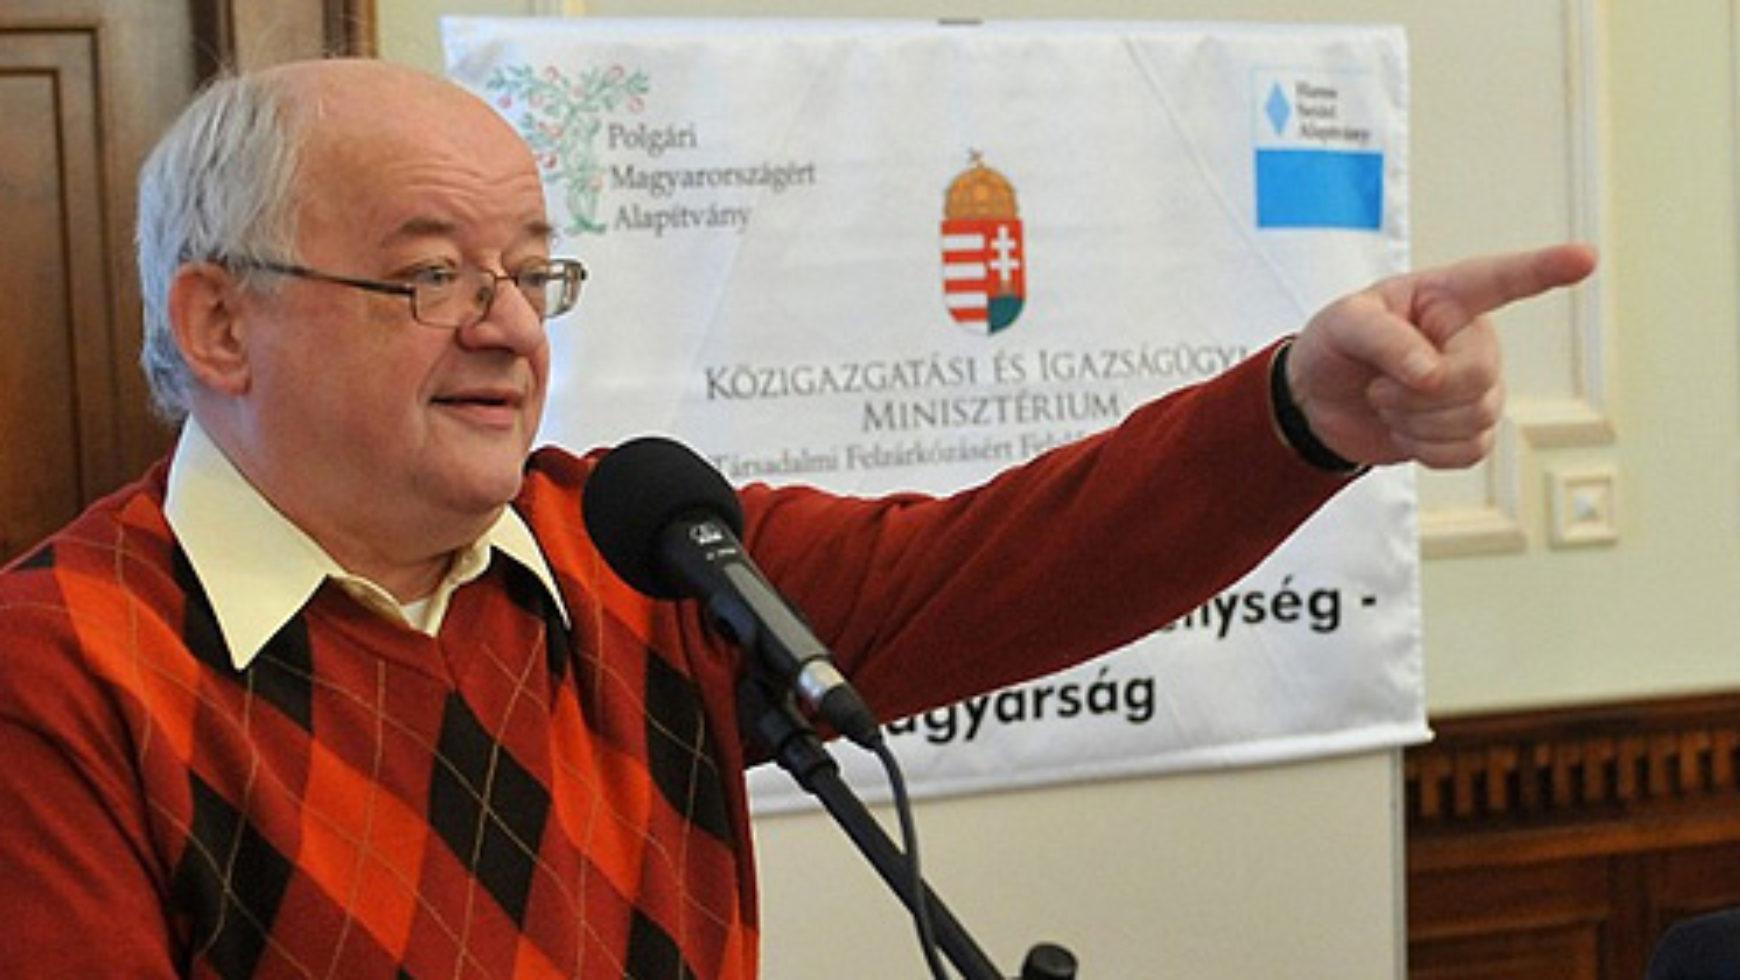 Debrecenben járt az atya, aki szerint Jézus a legsikeresebb menedzser